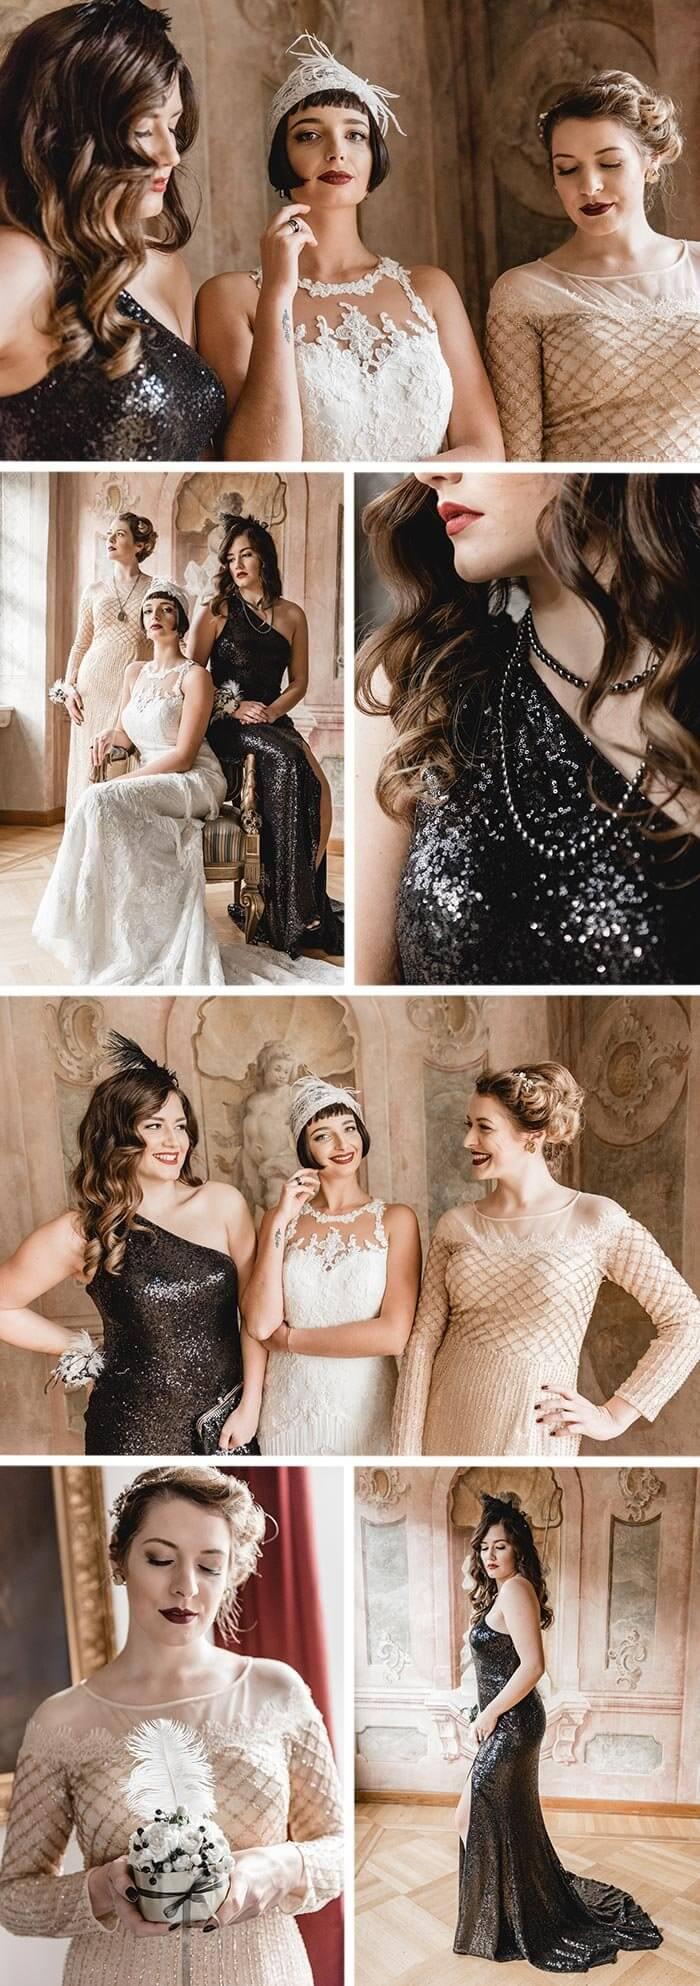 Hochzeit 20er Jahre Outfit